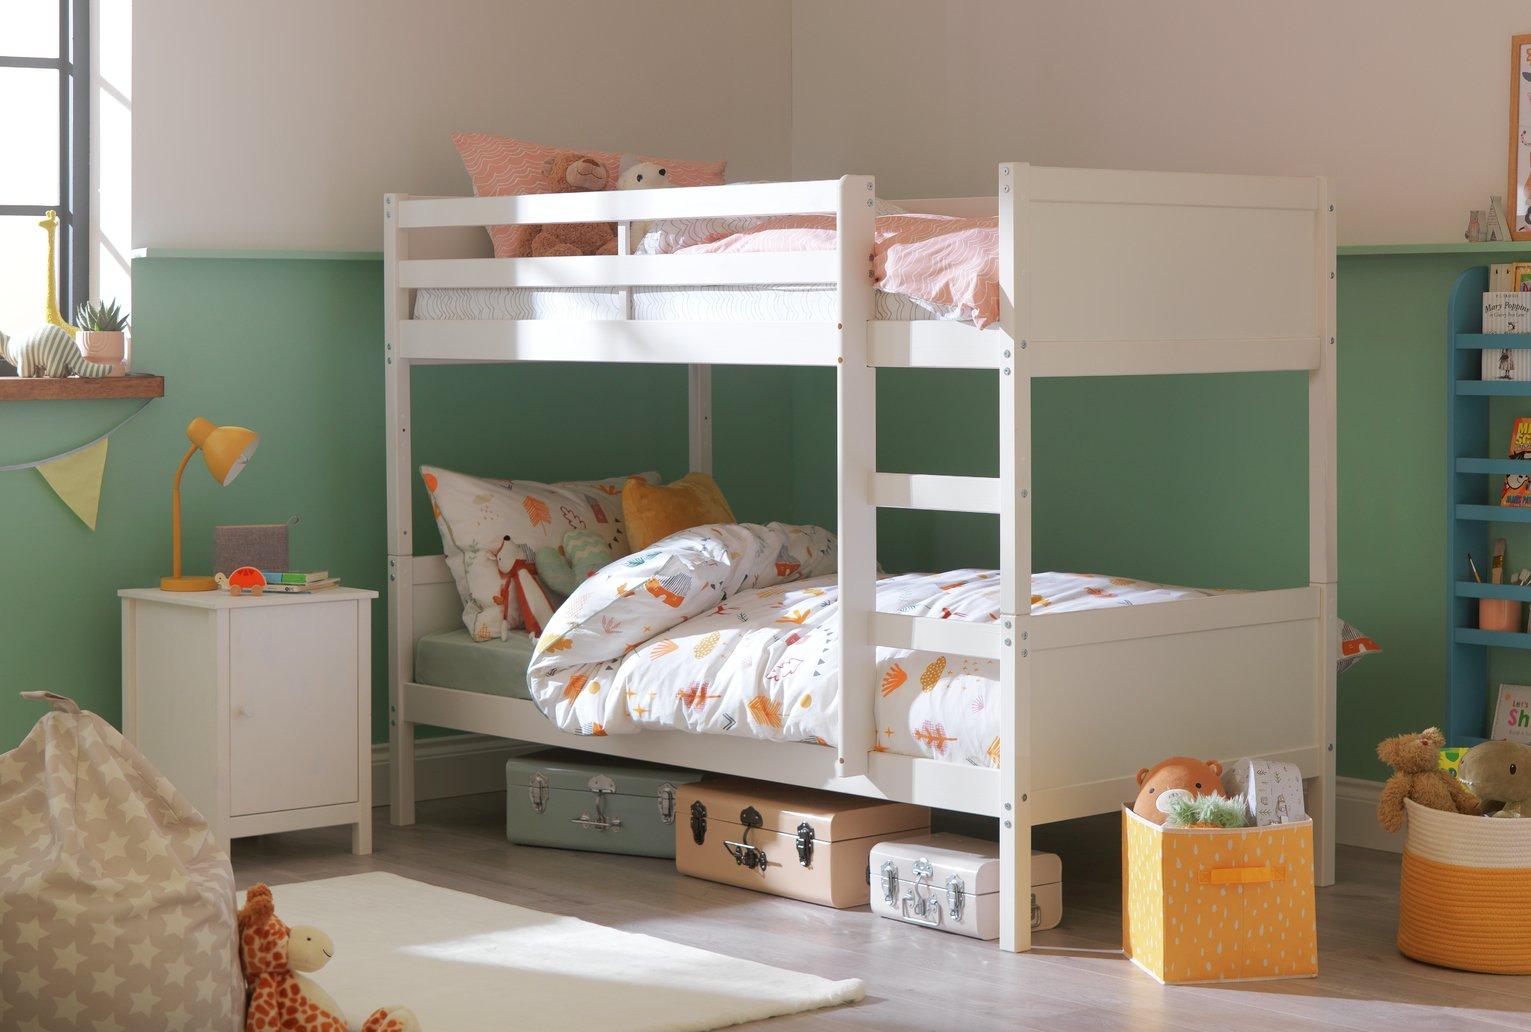 Argos Home Detachable Bunk Bed Frame - White